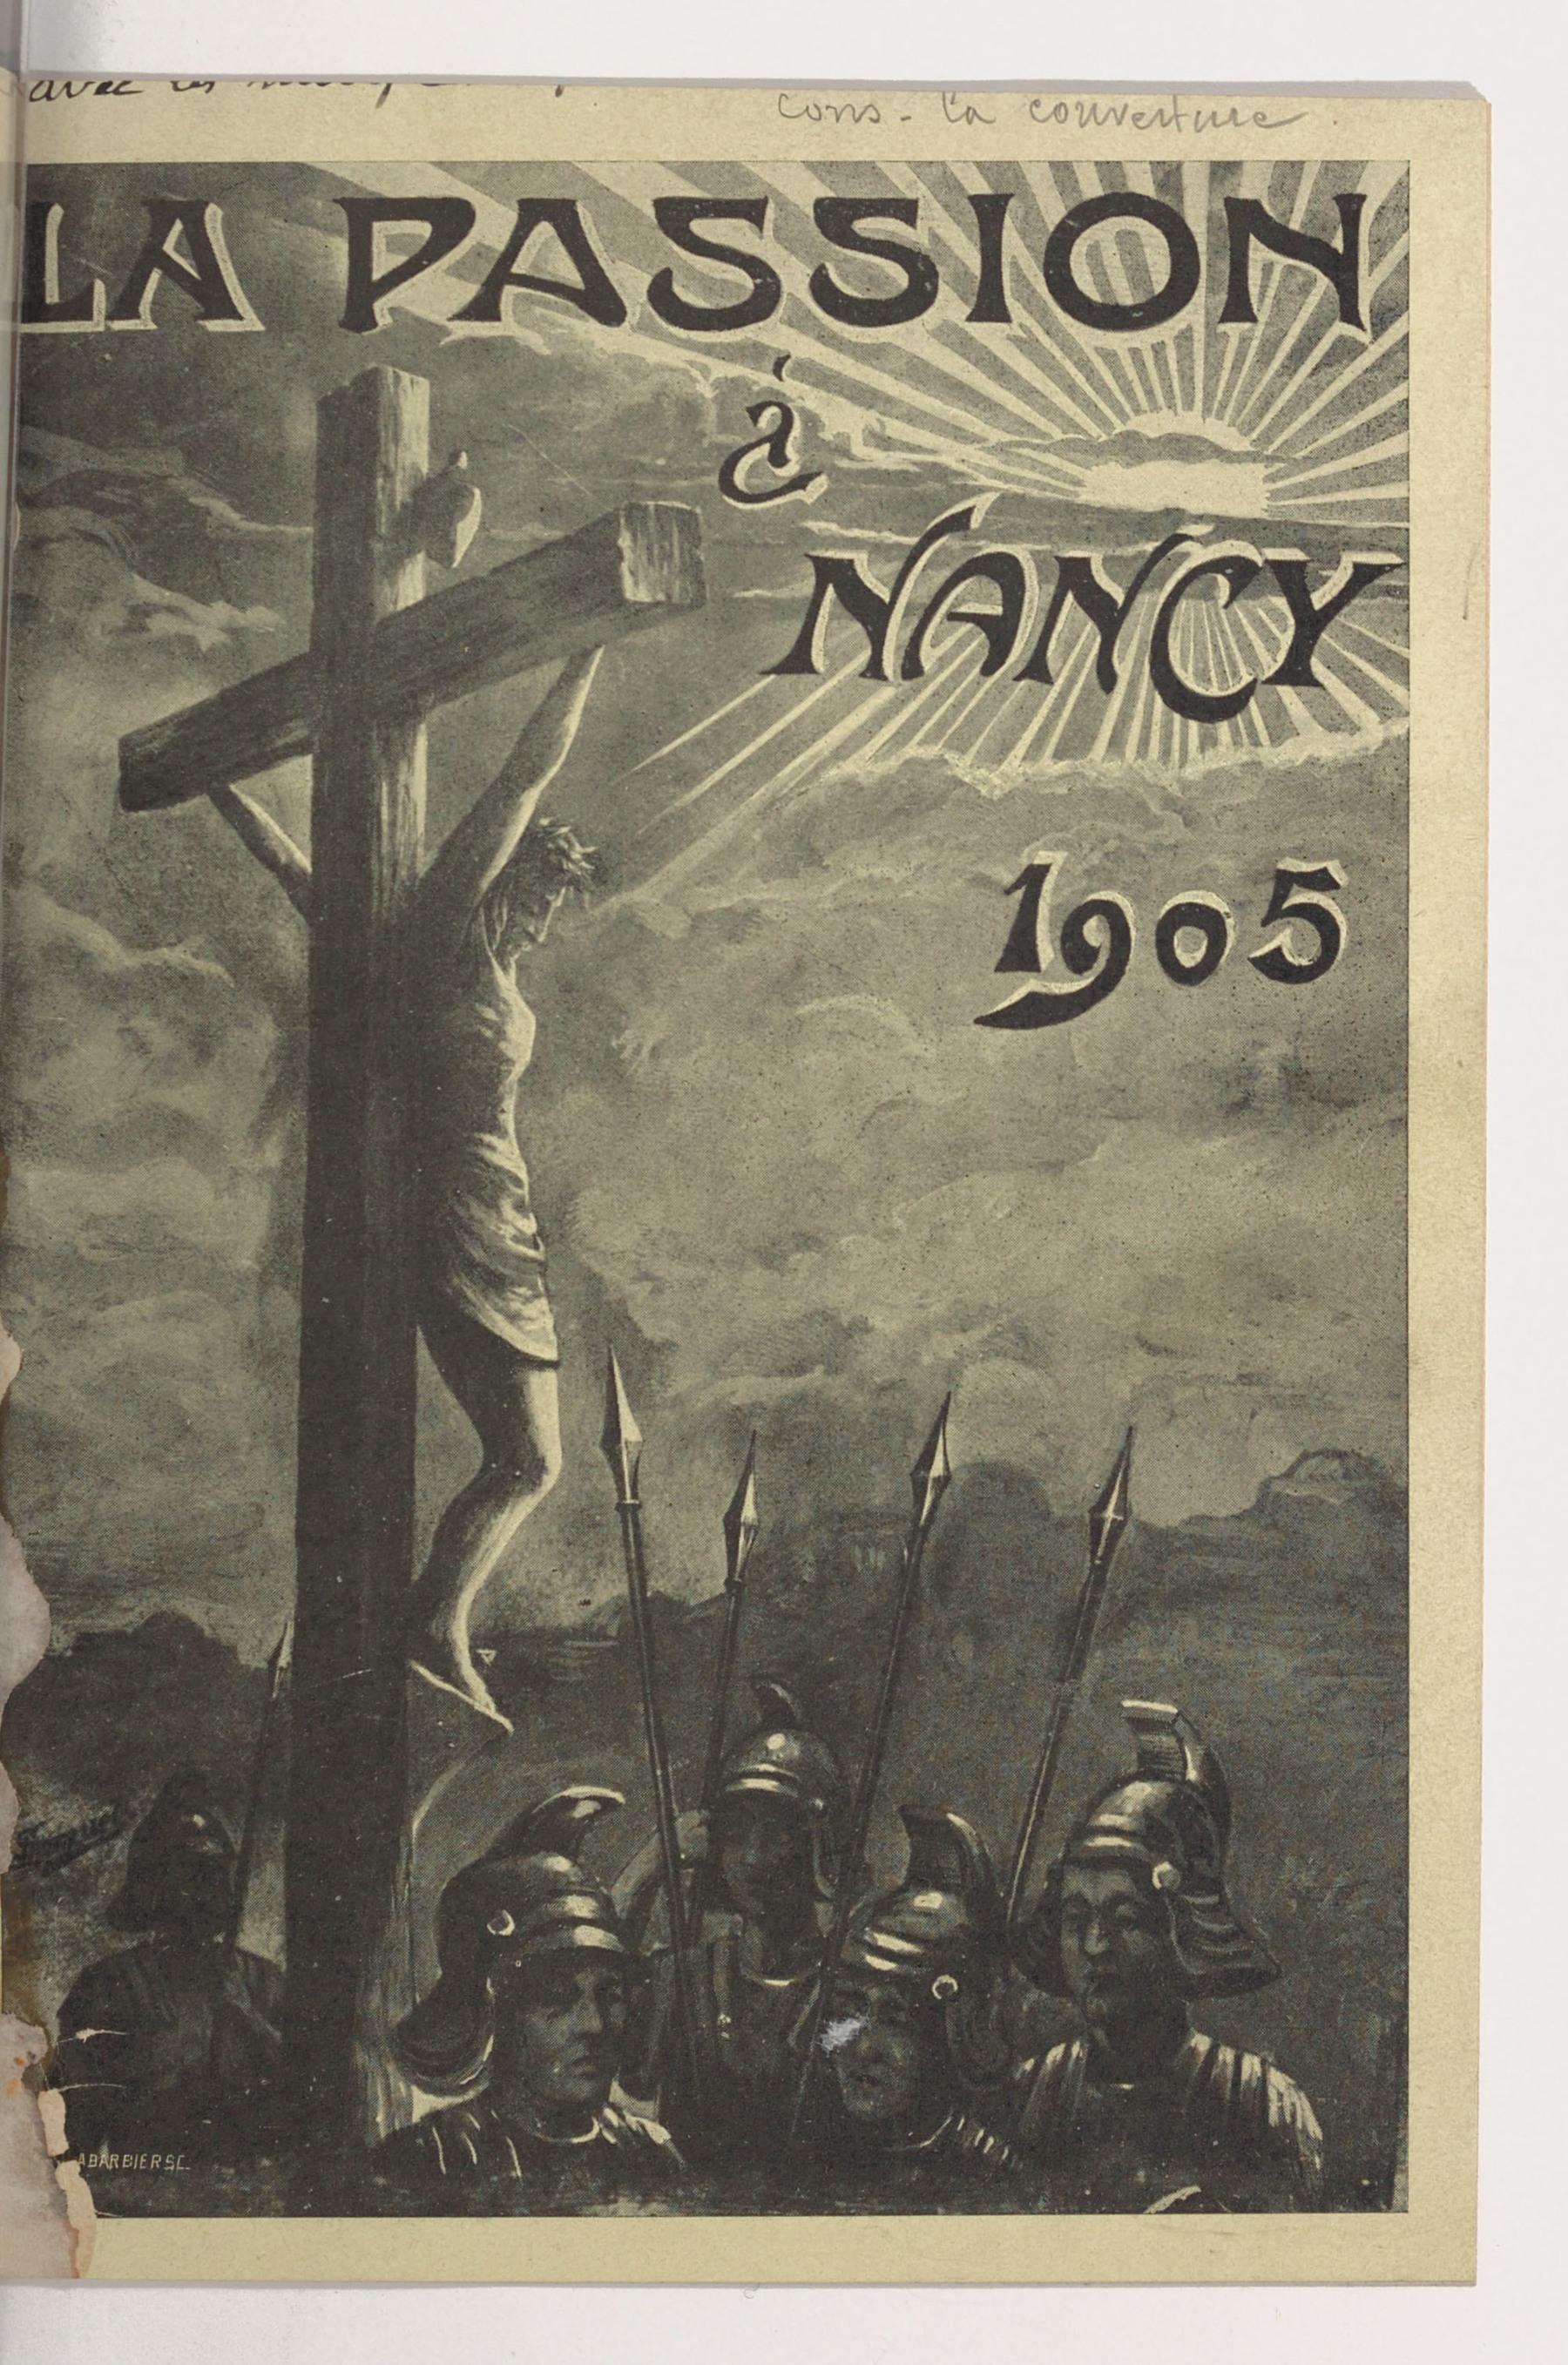 Contenu du Le Mystère de la Passion à Nancy : paroisse Saint-Joseph : [texte de 1905]